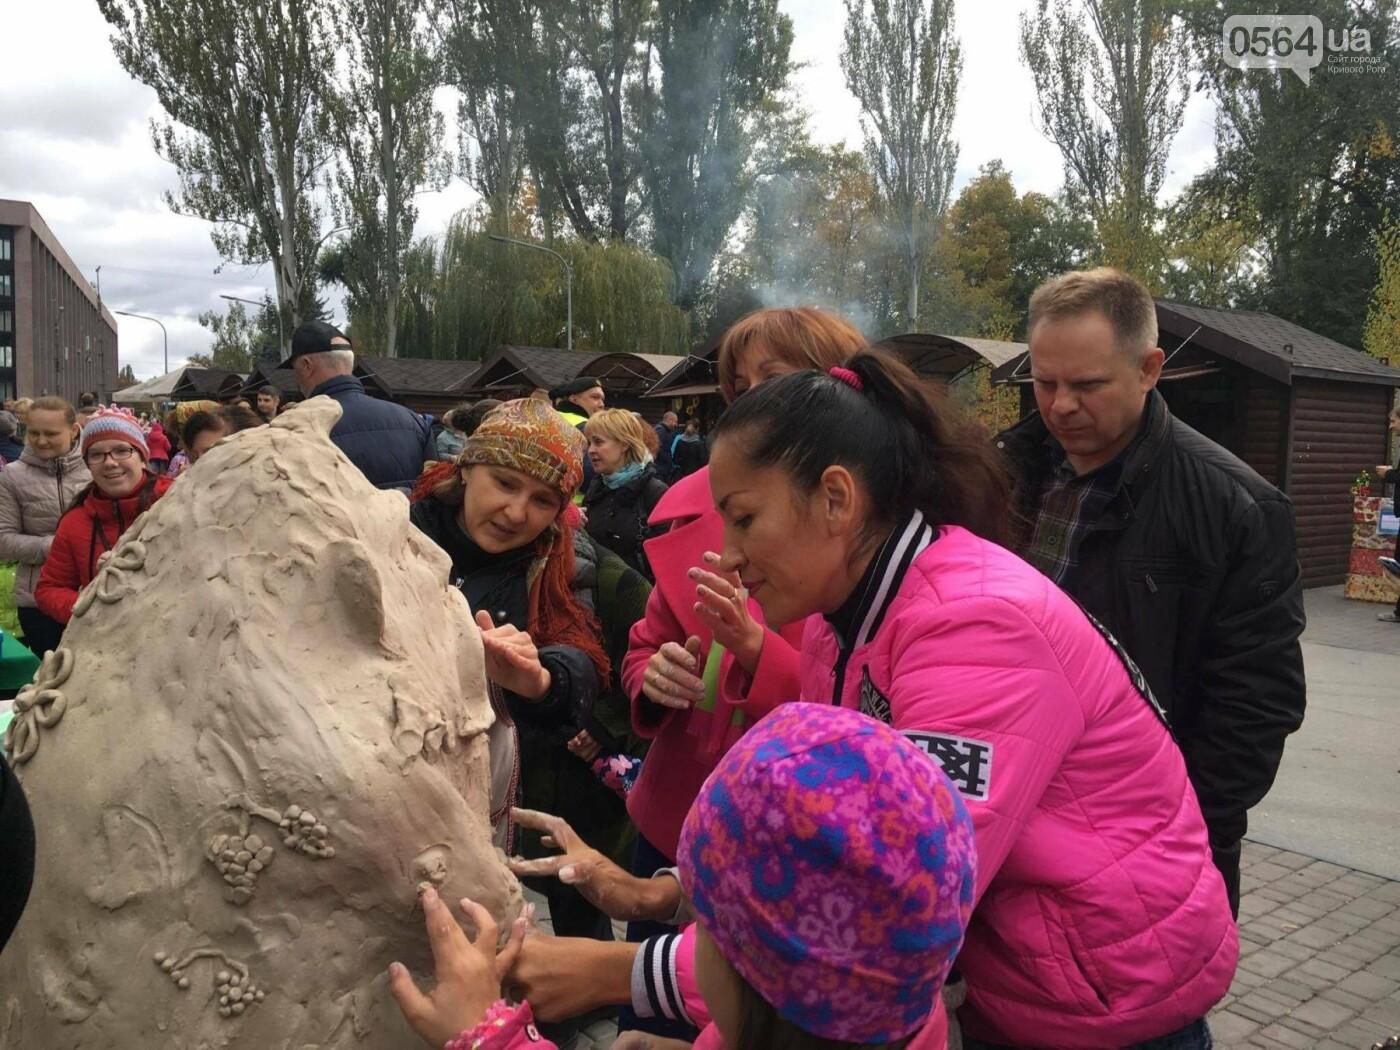 Тысячи криворожан отмечают День украинского козачества на Фестивале в парке Героев (ФОТО, ВИДЕО), фото-6